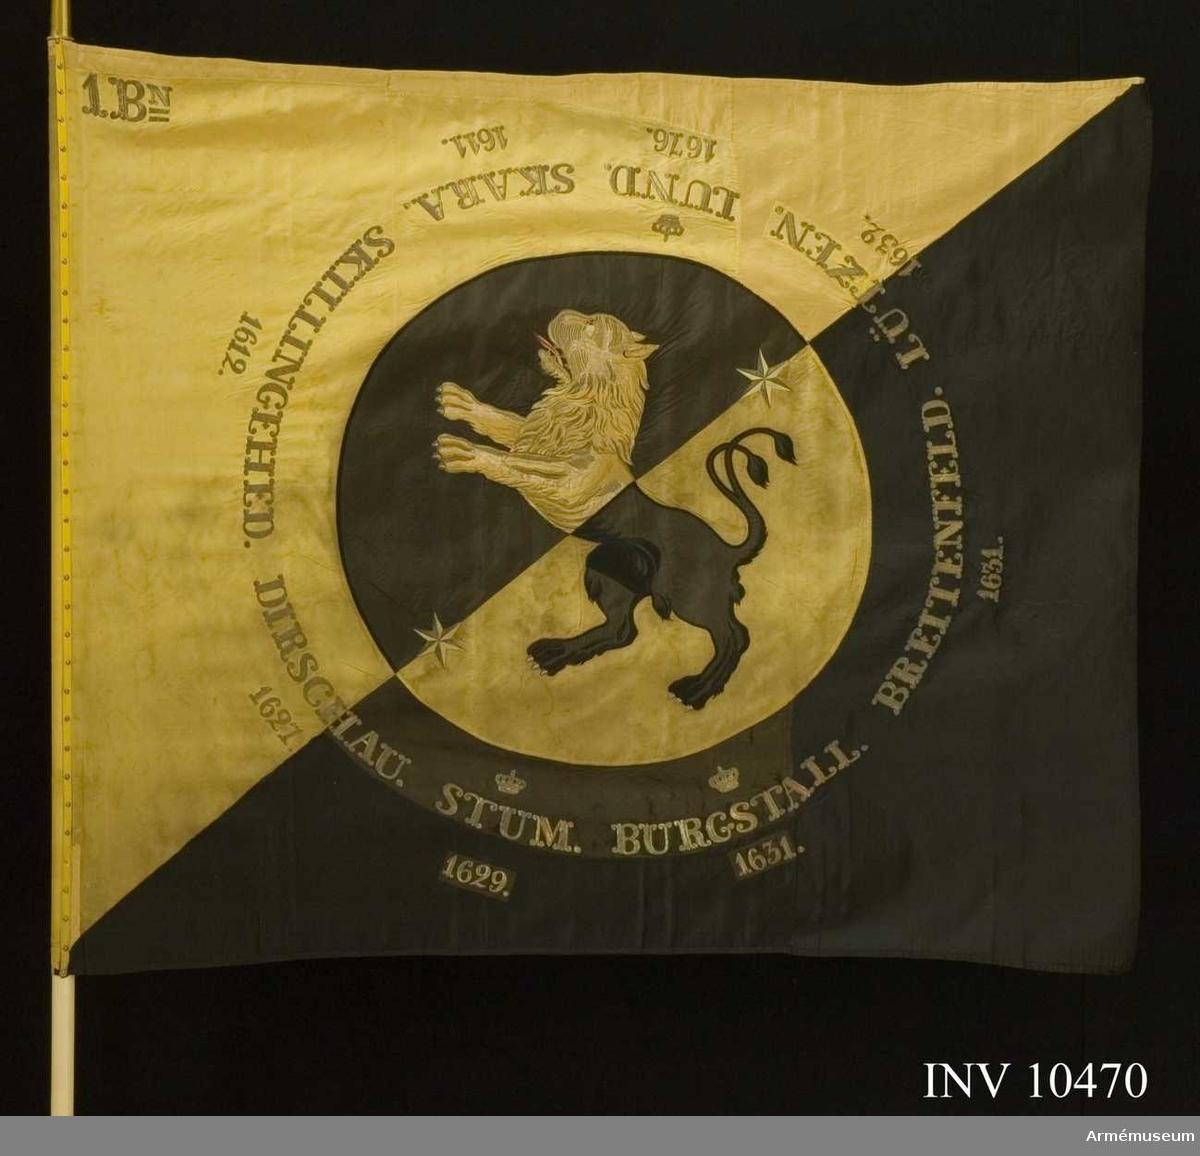 """Grupp B.  Duk av fansiden i fyrskaftad kypert, delad diagonalt i två fält - det inre gult och det yttra svart. I mitten en cirkel med 800 mm radie med omvända färger och där-  inne västergötlands sköldemärke: ett lejon, gult på det svarta  och svart på det gula fältet. I fältens delning finns två sex-uddiga stjärnor i guld. Lejonets svarta är applicerat fansiden  med kantsöm i svart silke, det gula är dels applicerat fansiden, dels schattérsöm i gult och vitt siden. Tungan fodrad i rött silke. Omkring vapnet, genombroderat i guld, finns segernamn: SKARA med """"1611"""" under, SKILLINGEHED med 1612, DIRSCHAU och1627,  krönt STUM och 1629, krönt BURGSTALL och 1631, BREITENFELD och  1631, LÜTZEN och 1632 samt krönt LUND med 1676. I övre inre hörnet finns """"1.Bn"""" broderat i guld (två streck  under N). Duken är kantad med ripsband, svart på det svarta och gult på  det gula. Fastspikad med förgyllda spikar.Kravatt av gult och svart kypertvävt fansiden. Guldfrans på  kortändarna.  Hel längd 2860 mm, frans 10 mm, bredd 260 mm. Kravatten fanns inte tillsammans med fanan i december 1968.Stång av furu - vitmålad. Doppsko konisk med rund knopp av för-  gylld mässing. Längd 2560 mm.Spets av förgylld mässing, ursprungligen med Oscar I:s krönta  monogram som senare felaktigt byttes mot Gustav V:s krönta spegelmonogram inom lyra av lager. Längd 330 mm.Fodral av mörkblått (svart) kläde med skinnskodd topp, dragsko och ficka för spetsblad. Längd 1820 mm, bredd 180 mm.  Samhörande fana, kravatt, fodral."""